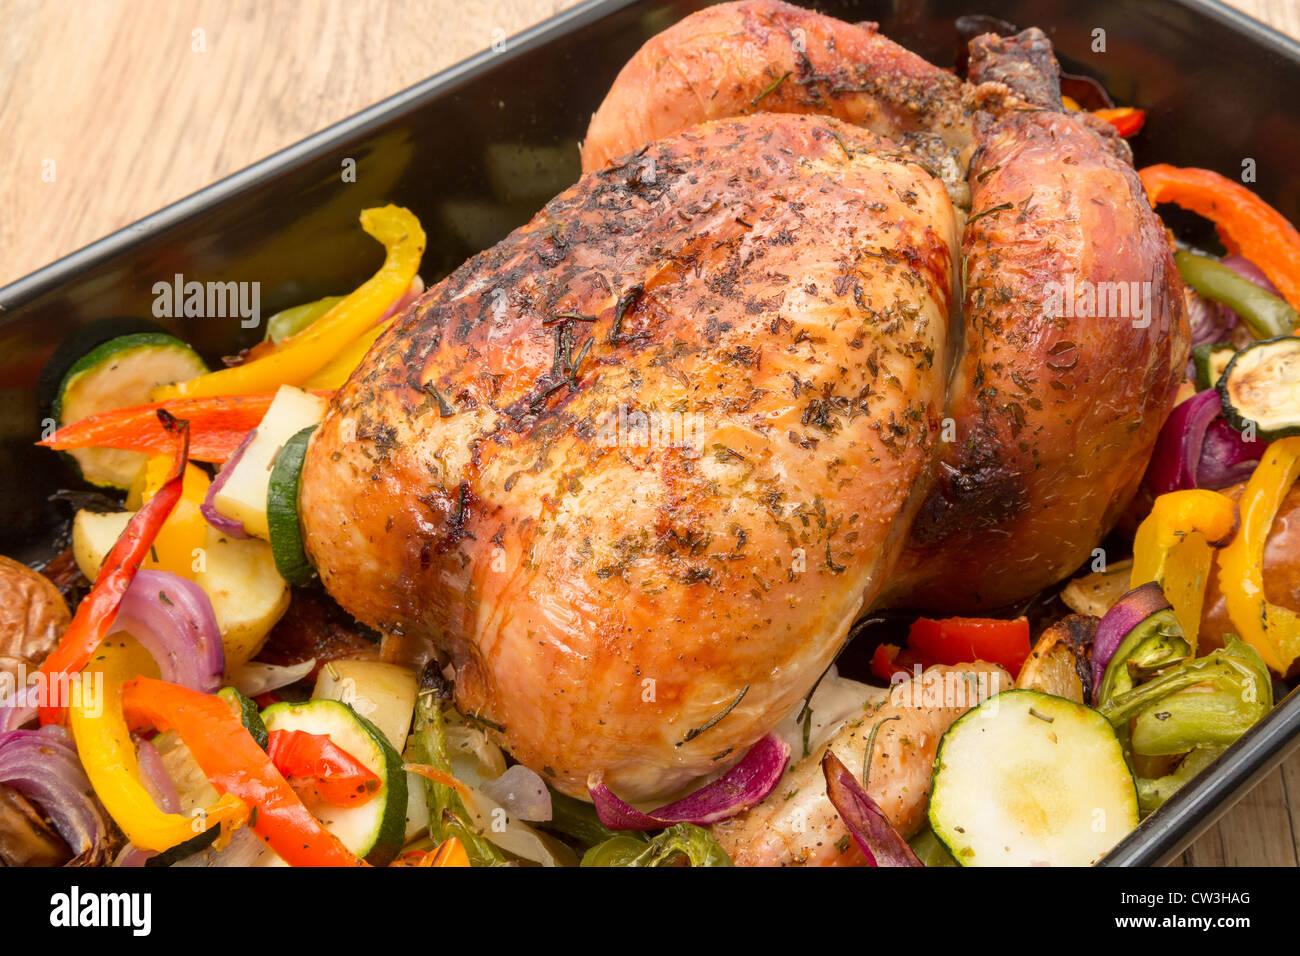 Un prêt à manger des ailes de poulet dans un plat allant au four avec des légumes grillés - Photo Stock